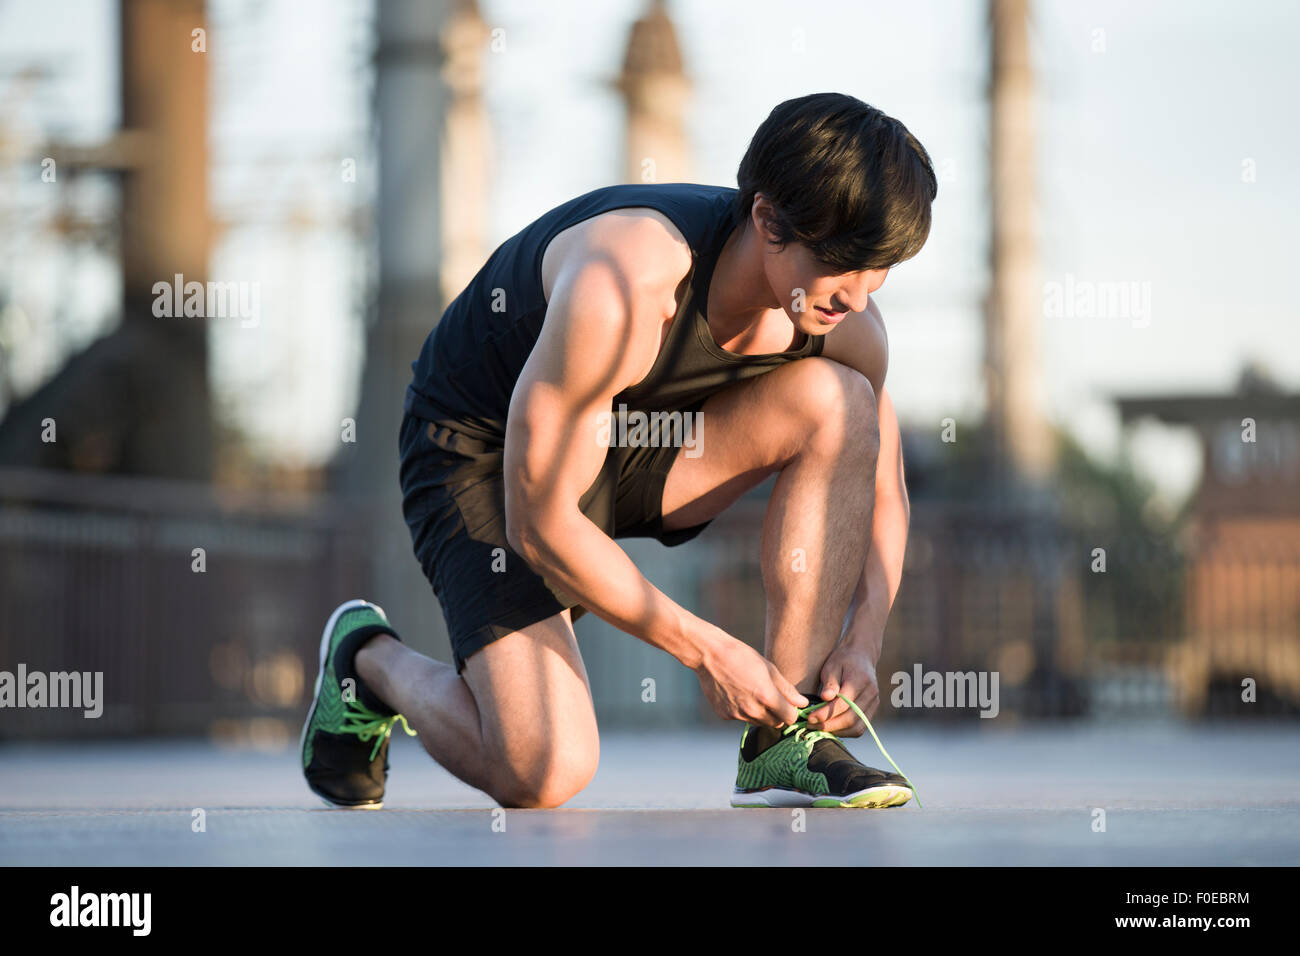 Junge Jogger binden Spitze Stockbild